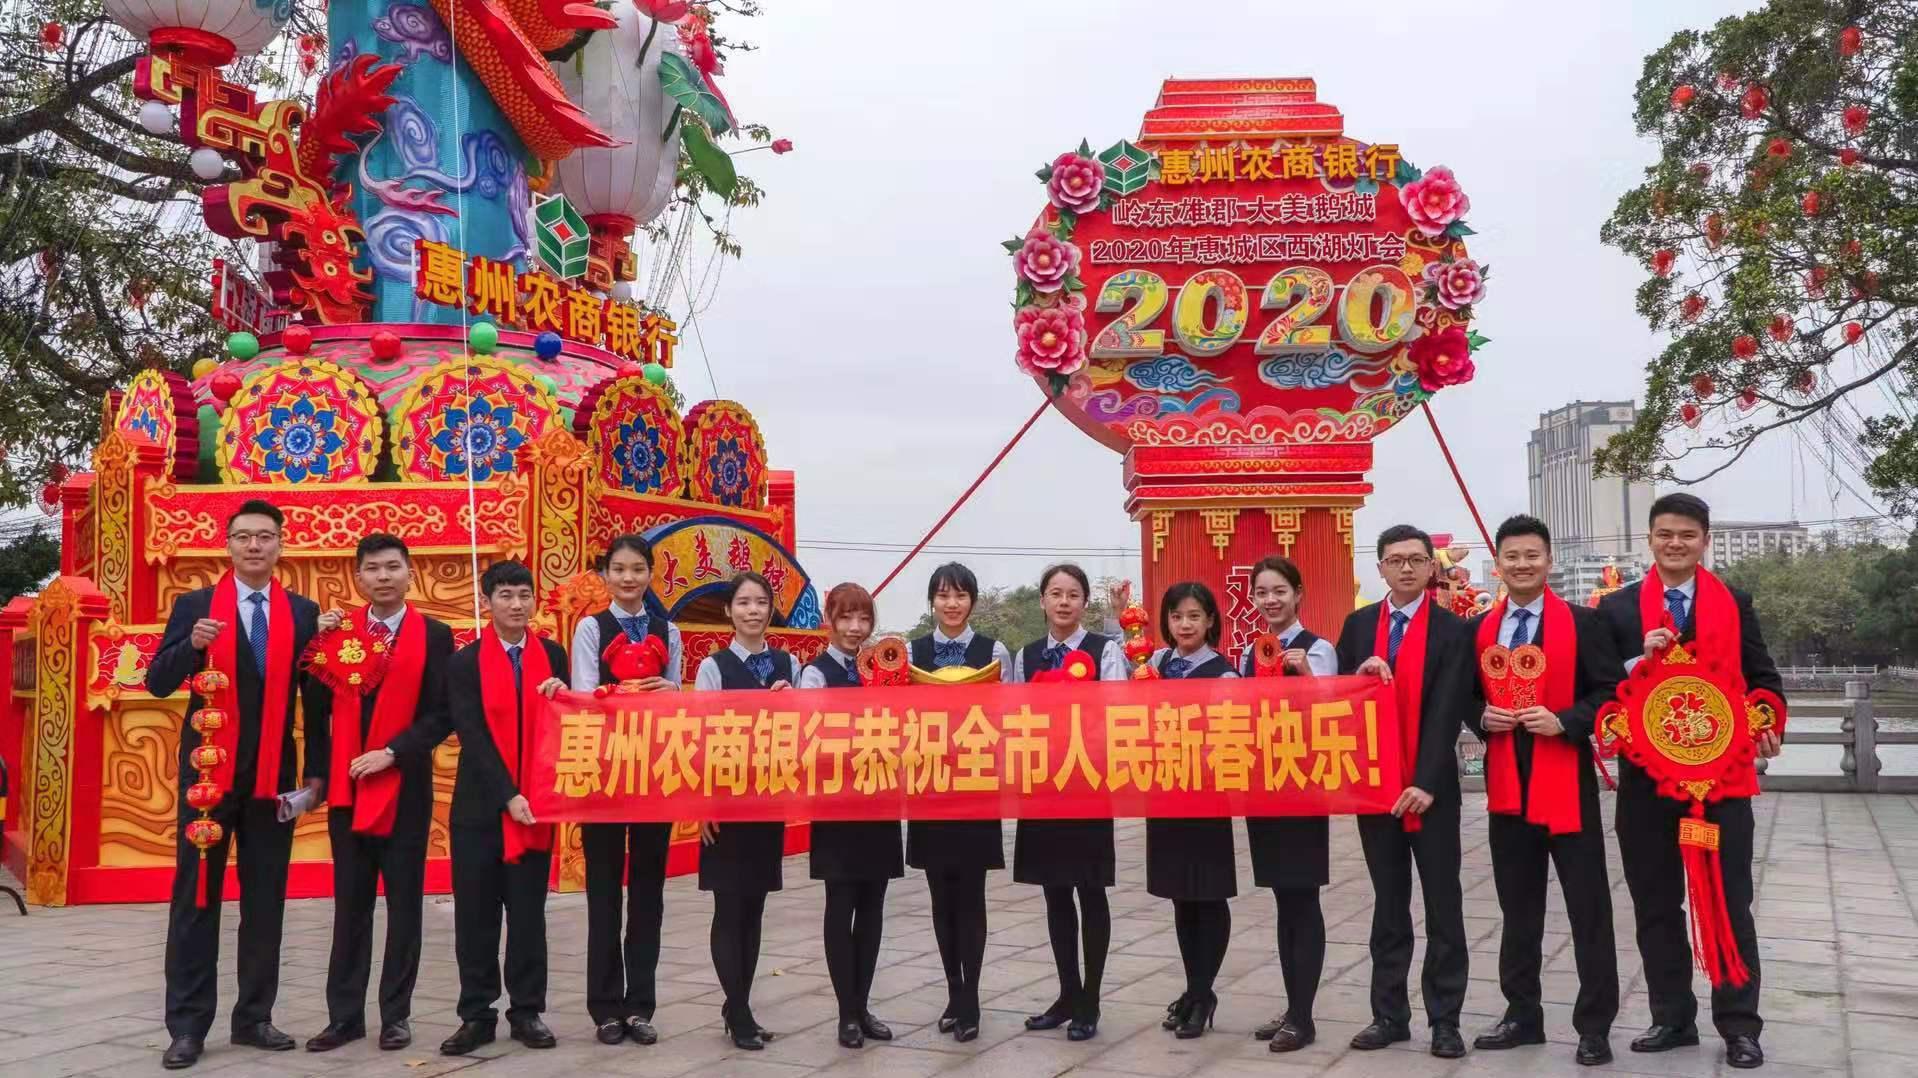 惠州农商银行恭祝全市人民鼠年快乐!